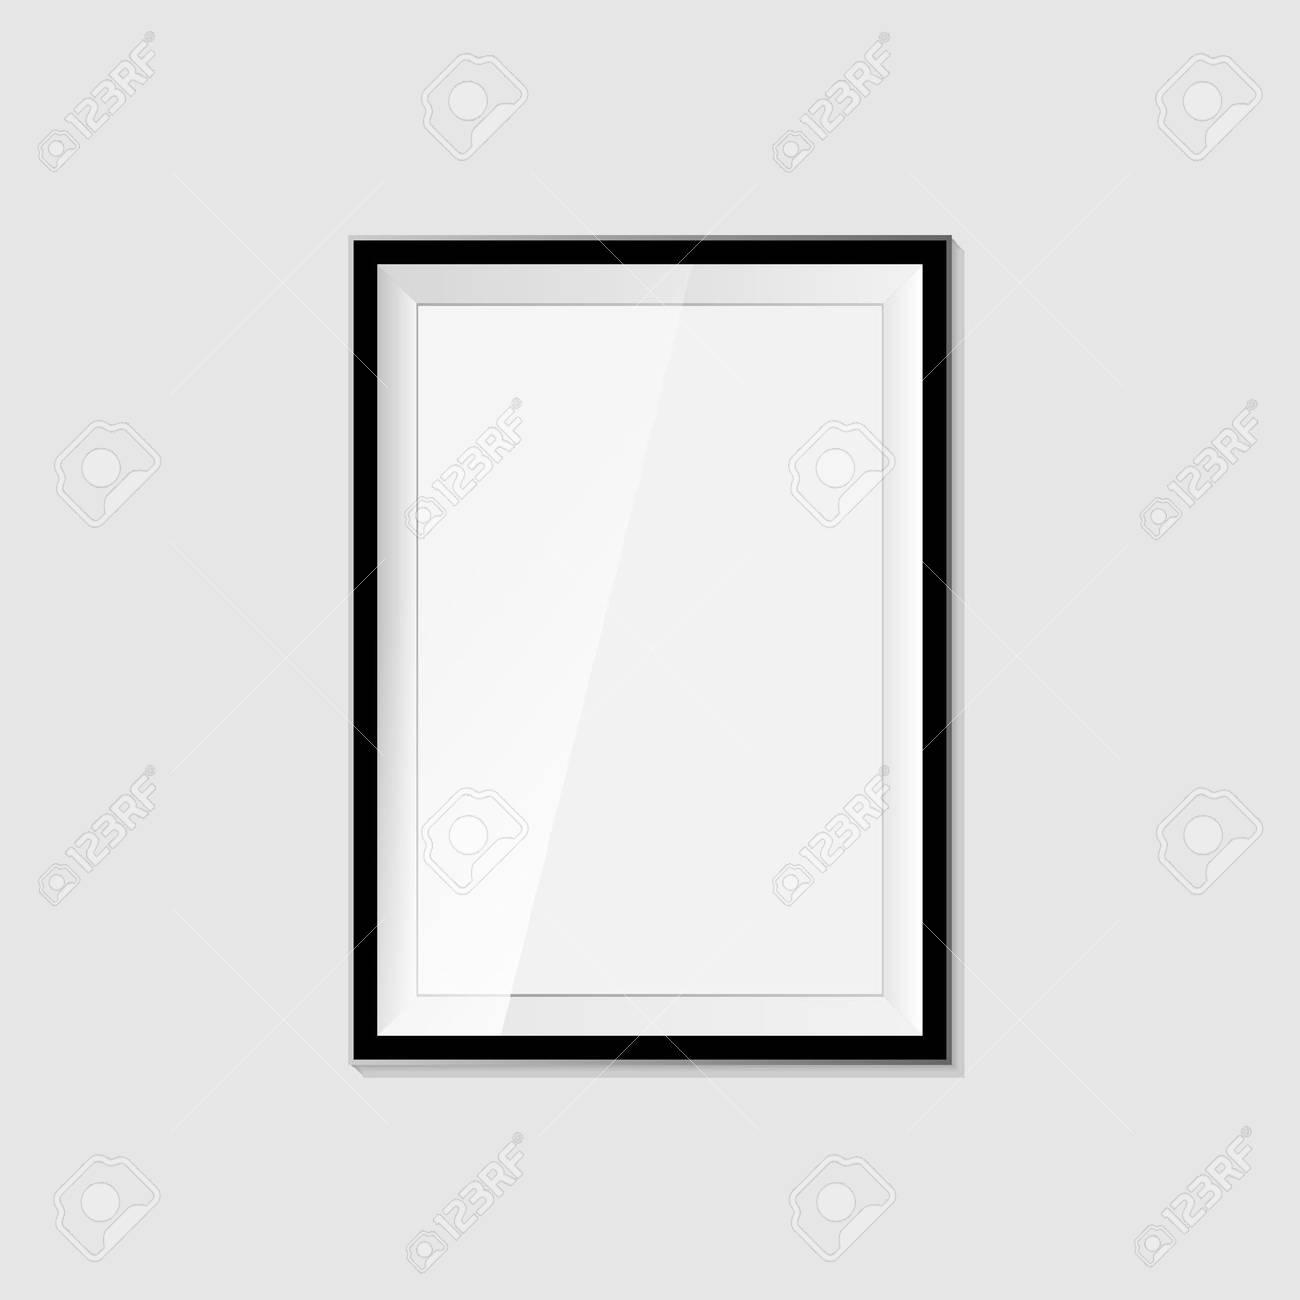 3D-Bilderrahmen-Design Für A4 Bild Oder Text Auf Weißem Hintergrund ...